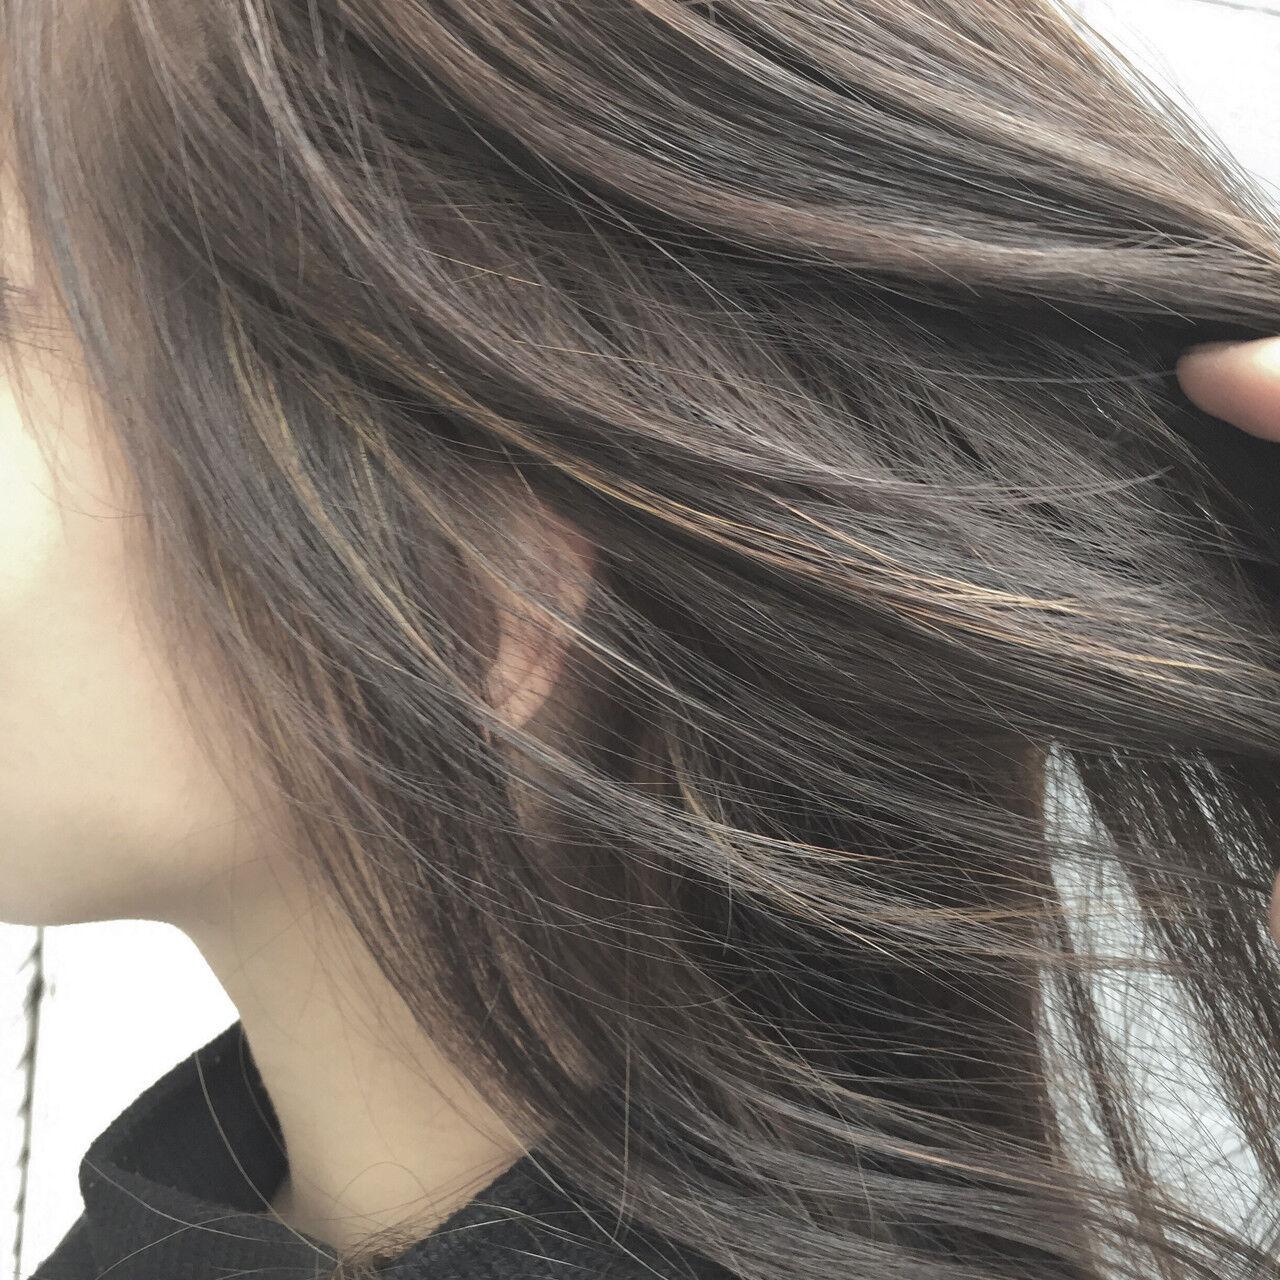 ボブ ミディアム アッシュ 大人かわいいヘアスタイルや髪型の写真・画像